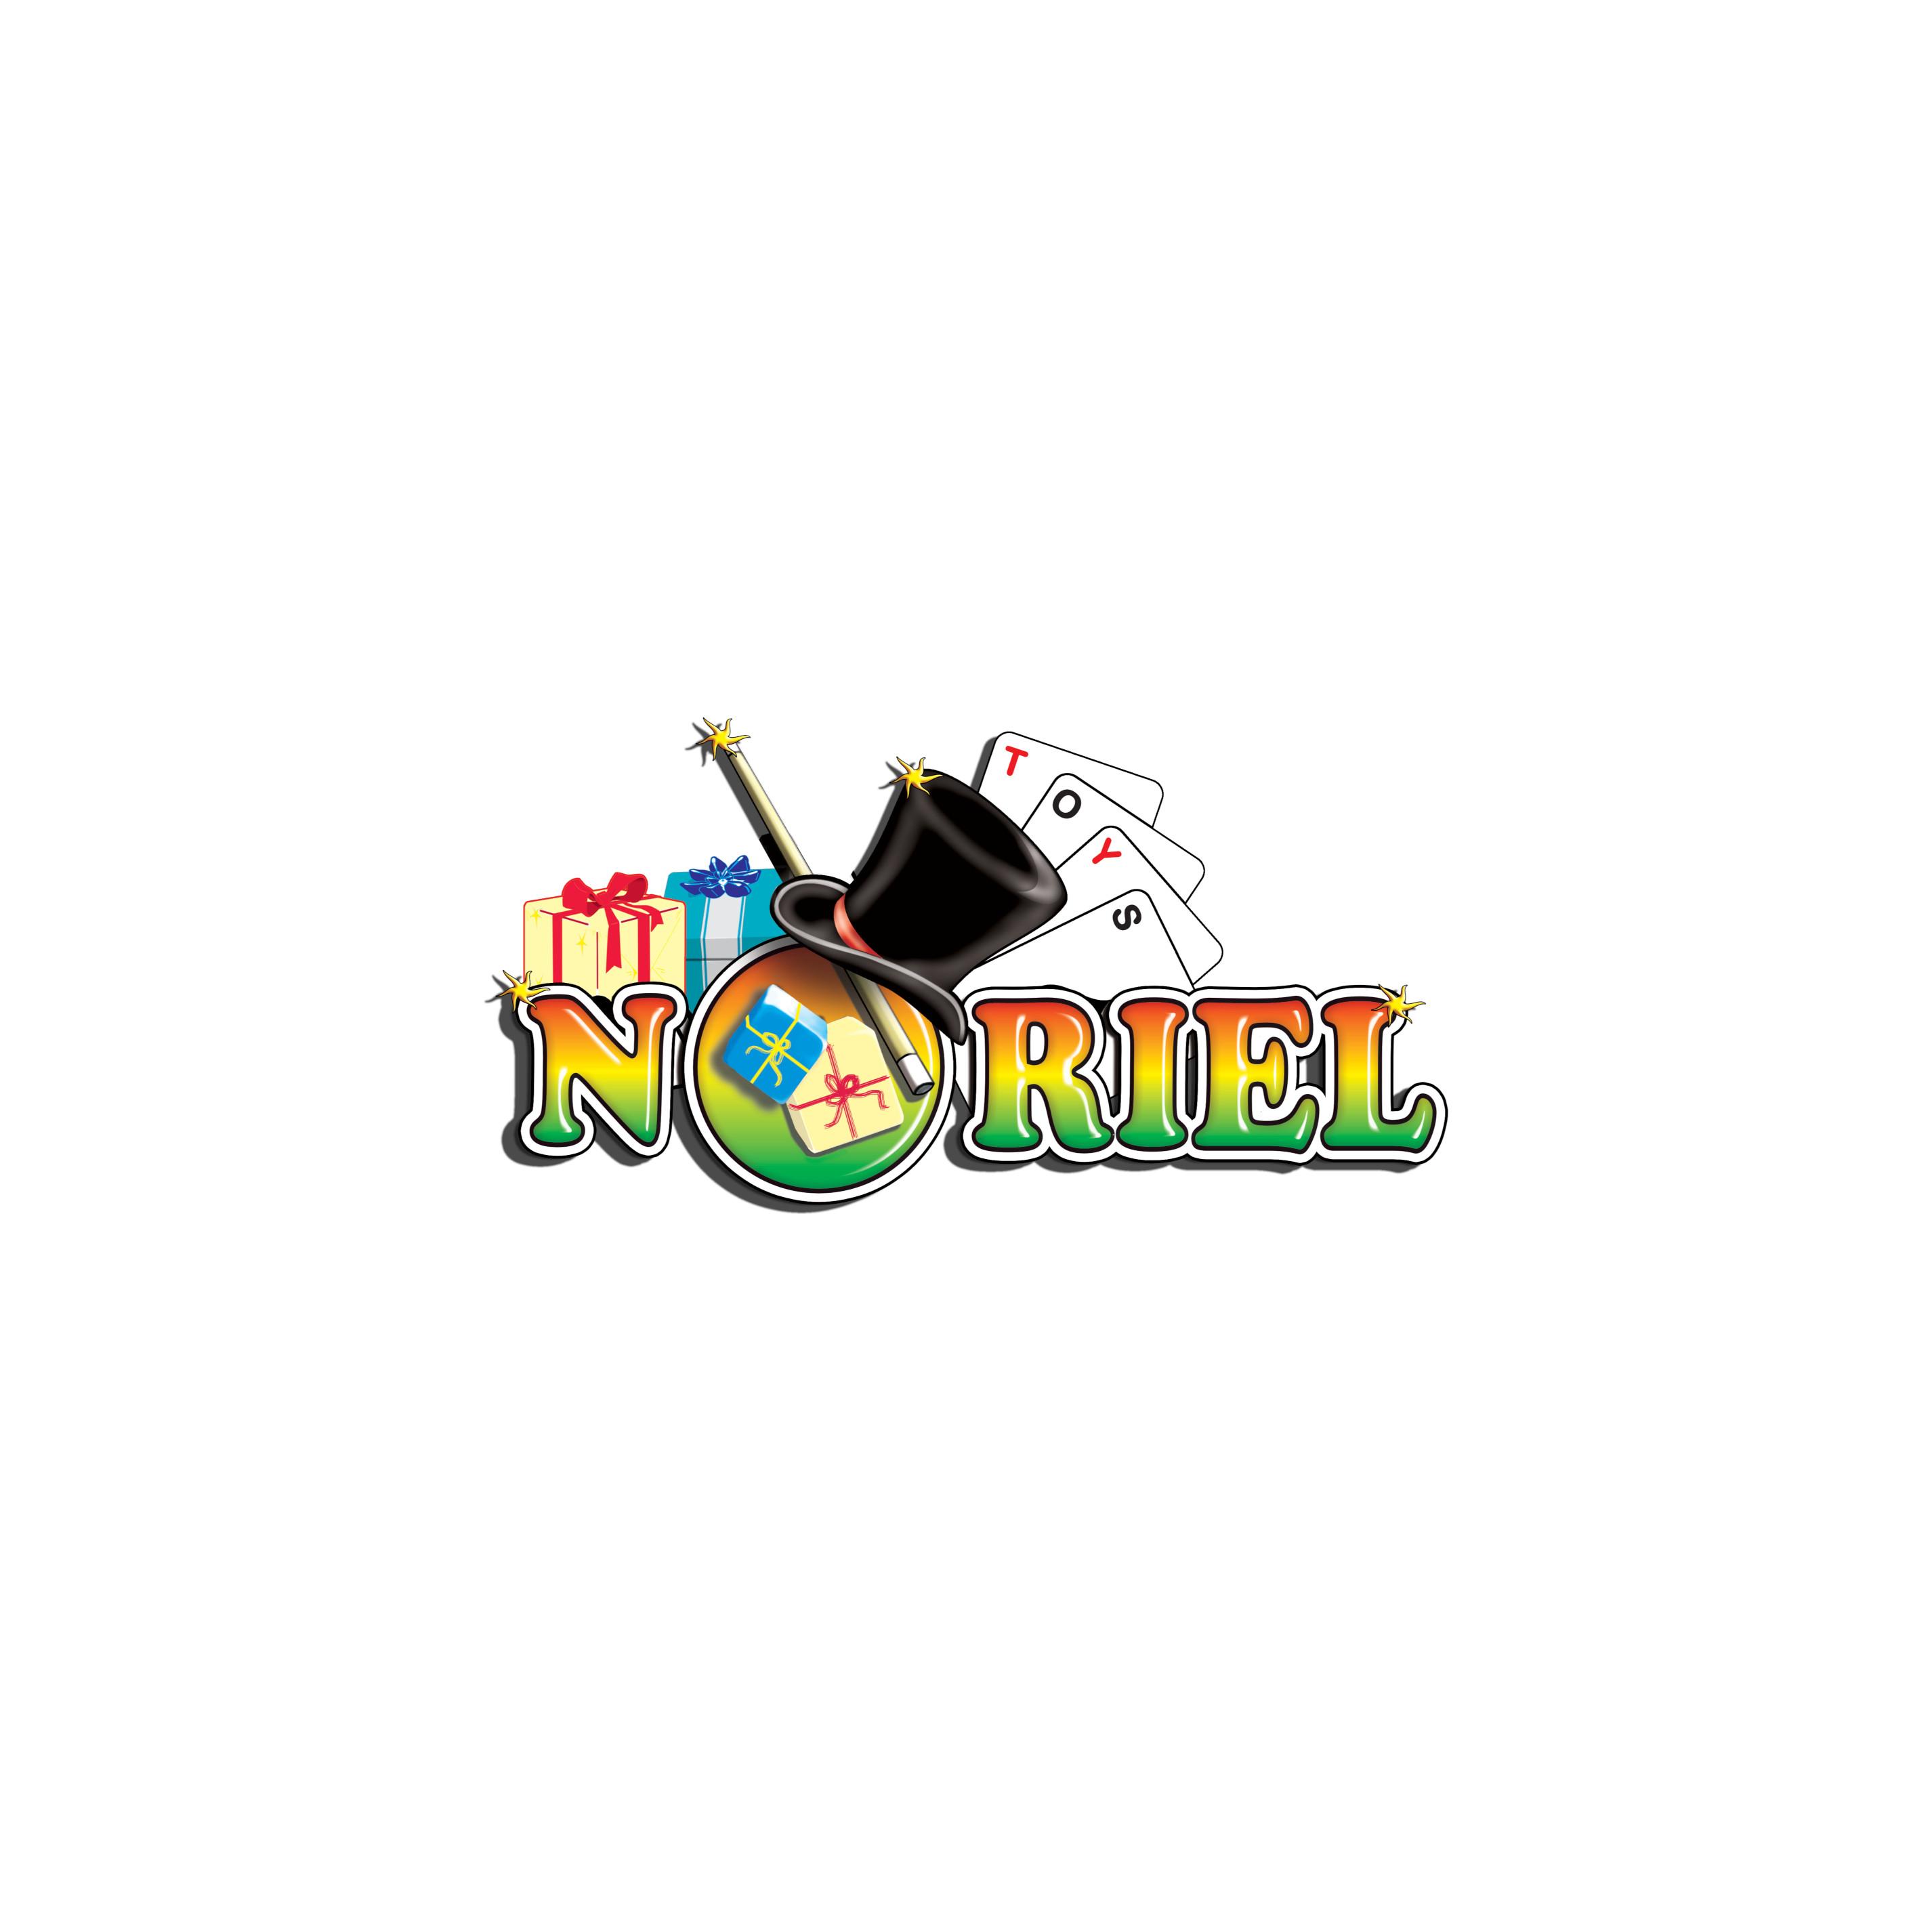 3760_3761_001 - Figurina jucarie interactiva Fingerlings Glitter Monkey Amelia - Turcoaz 1